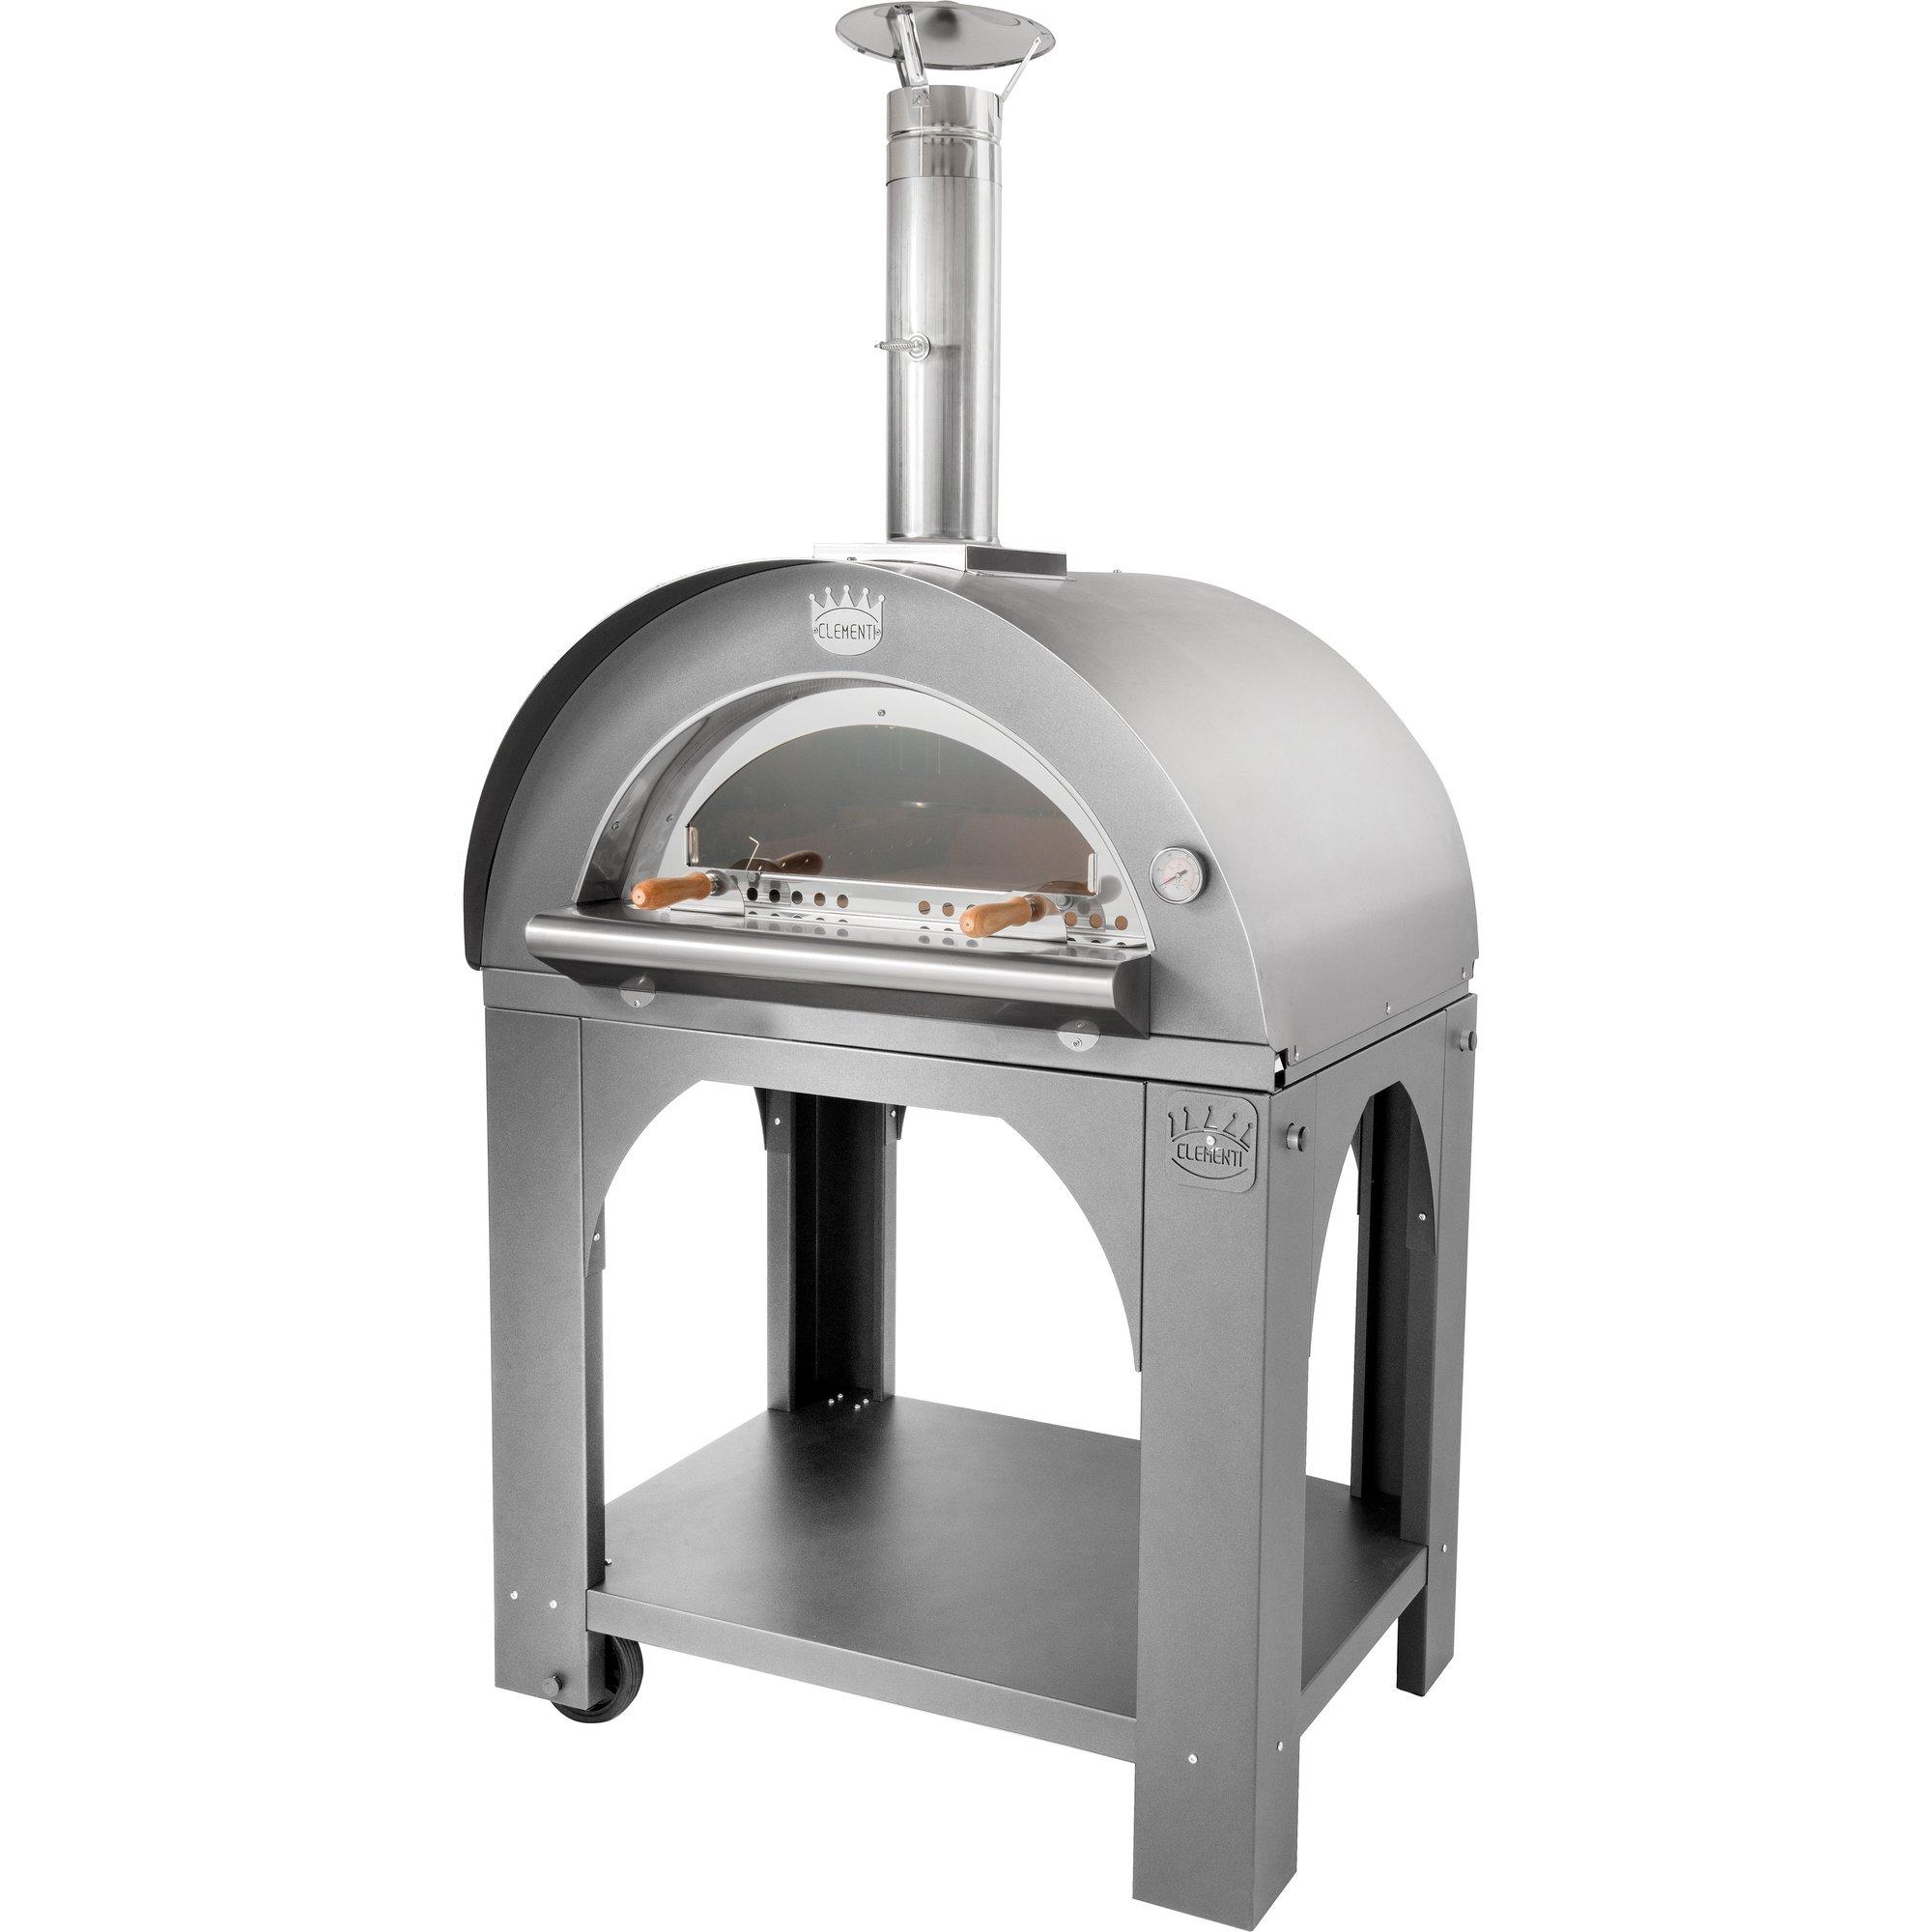 Clementi Pulcinella Vedeldad Pizzaugn 80×60 cm. Rostfritt stål